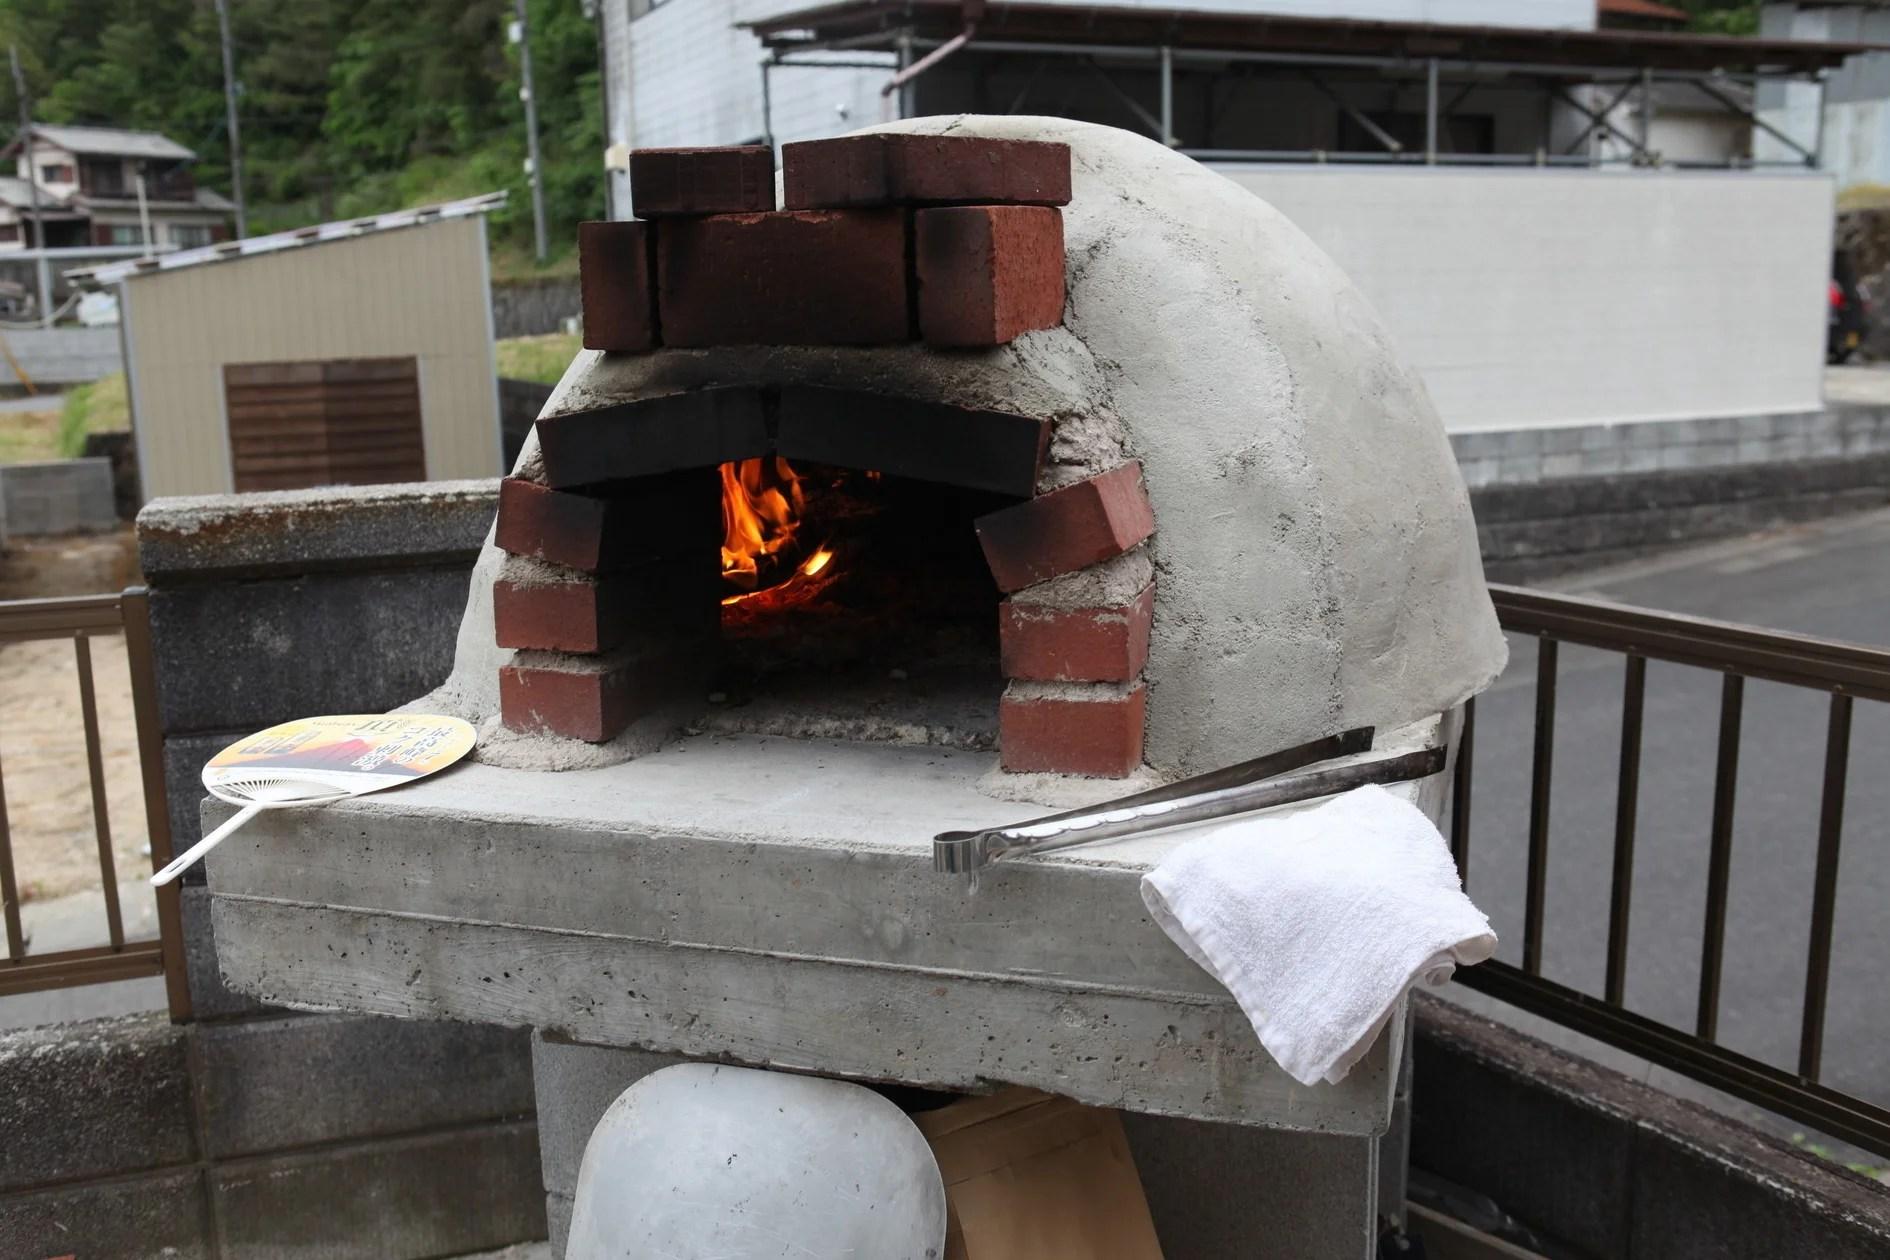 本格的な手作りピザ窯設備・bbqグリルあり・焼き鳥もできます。ご家族,お仲間でどうぞ。 | スペース ...